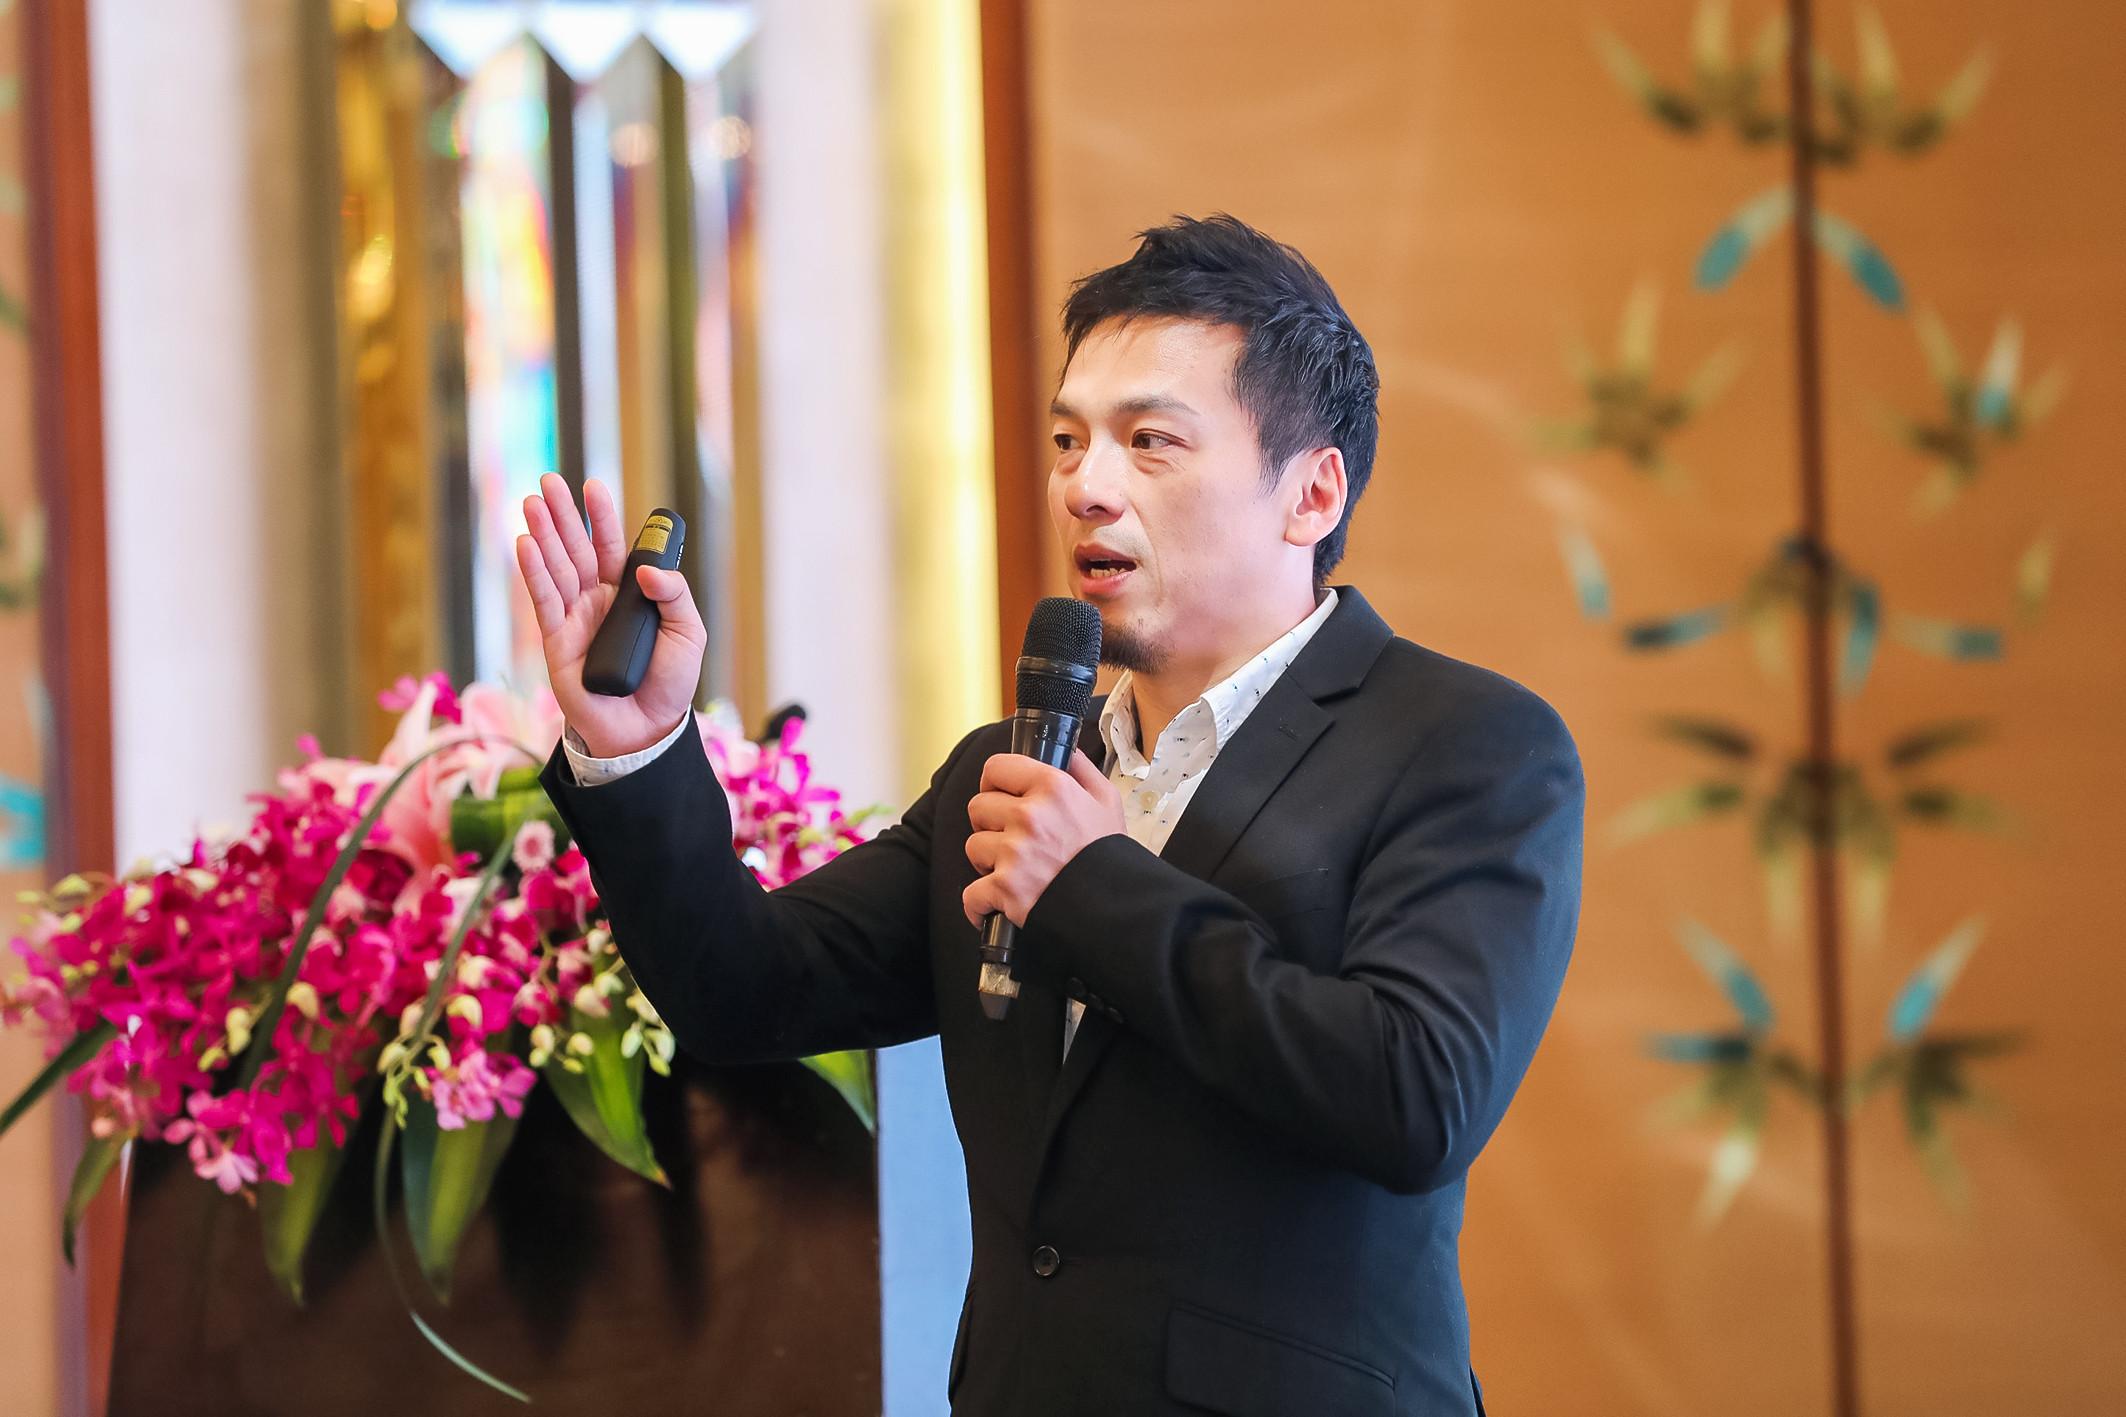 麥正奇,英飛凌電源管理及多元化市場事業部大中華區射頻及傳感器部門總監